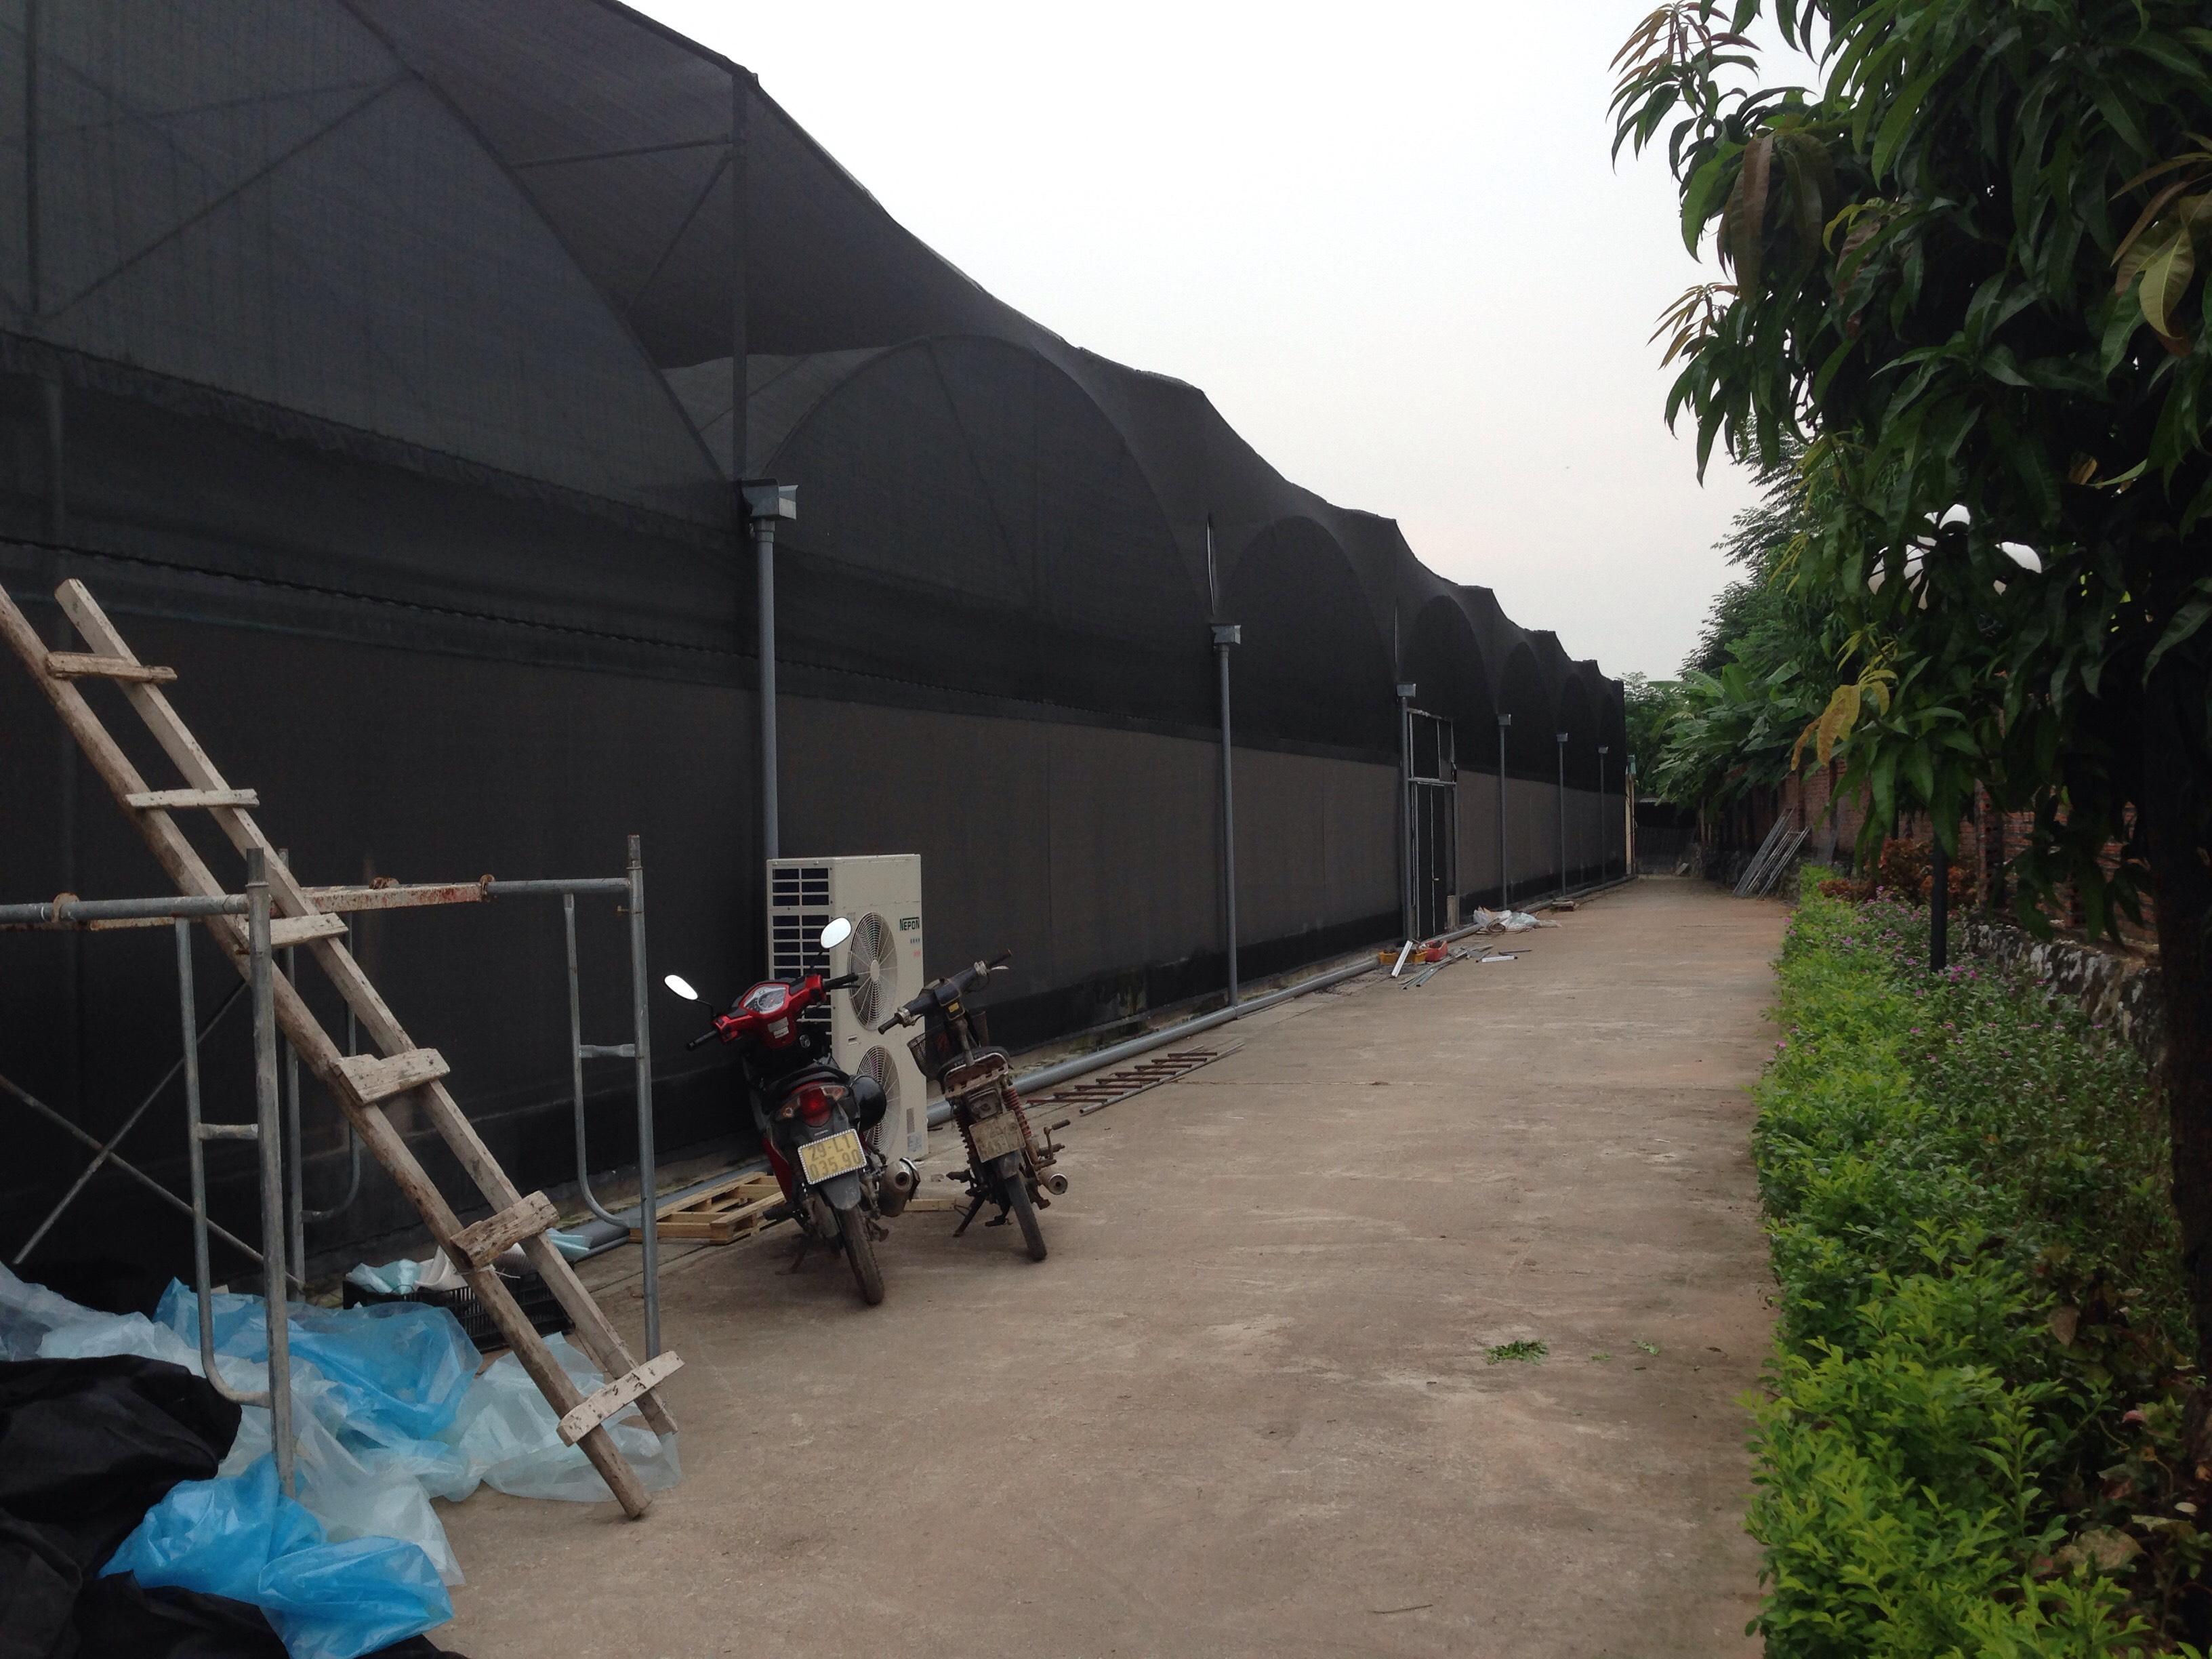 nhà cung cấp lưới che nắng giá rẻ tại hà nội, công ty thiết kế và thi công lưới che nắng, hệ thống tưới cắt nắng